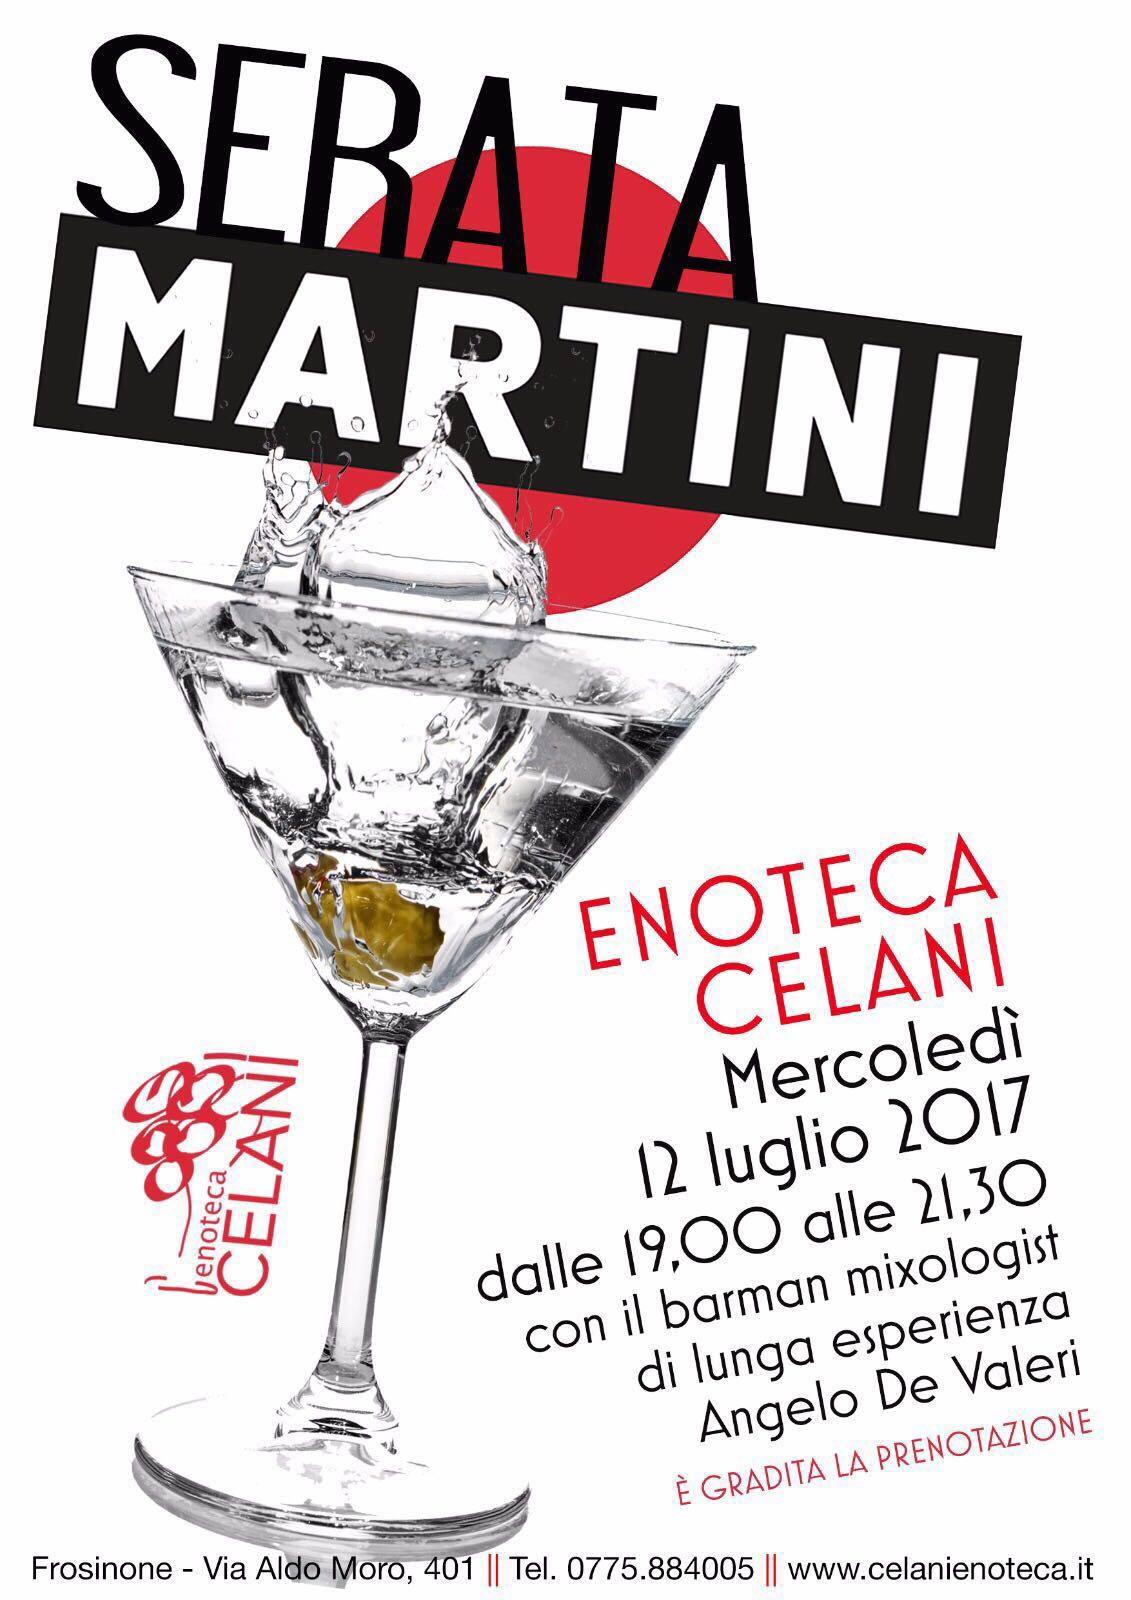 serata-martini